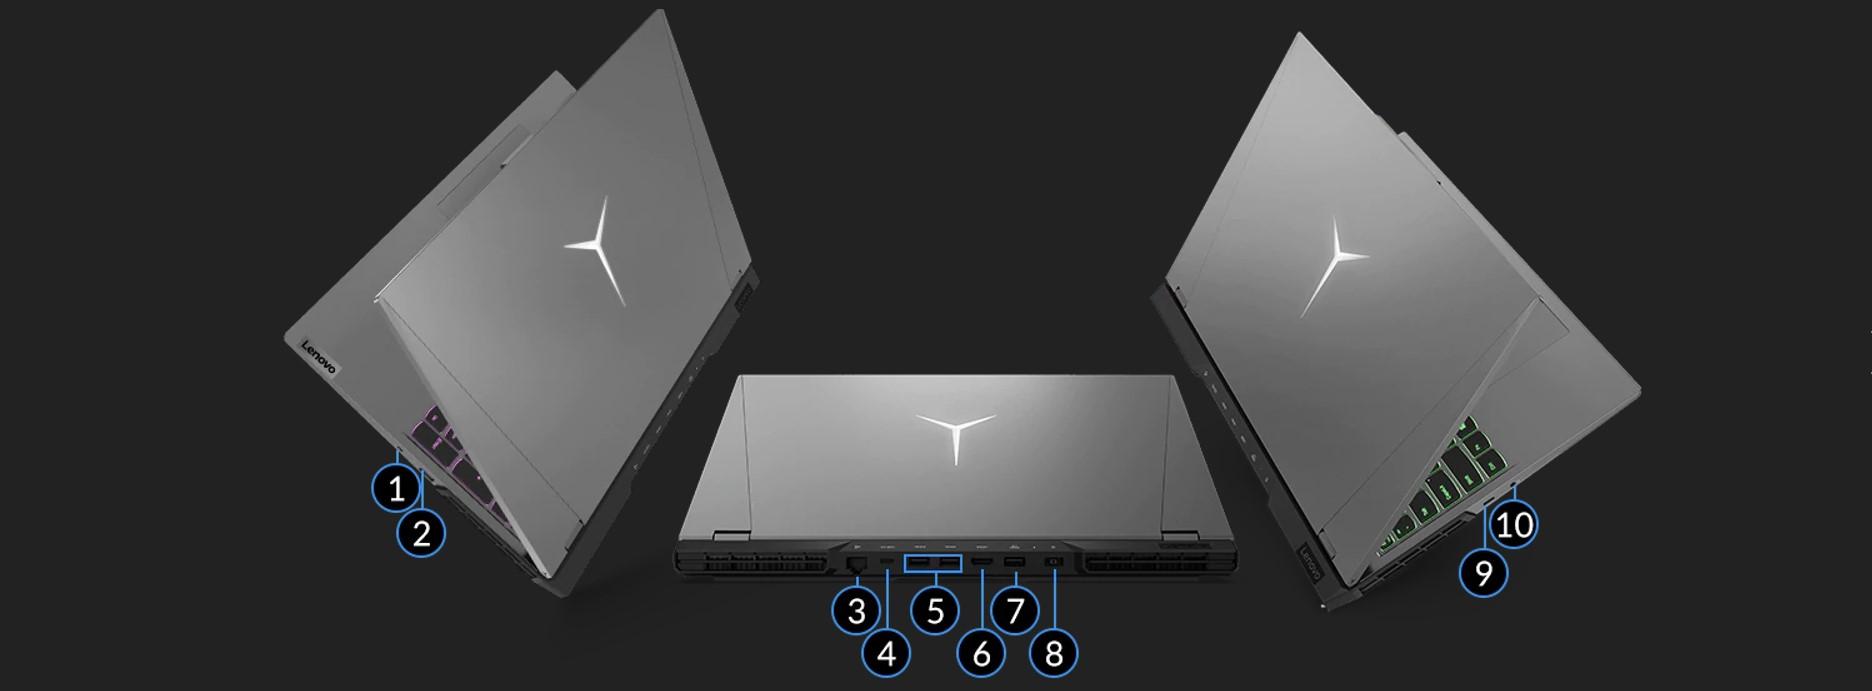 قیمت لپ تاپ گیم لنوو